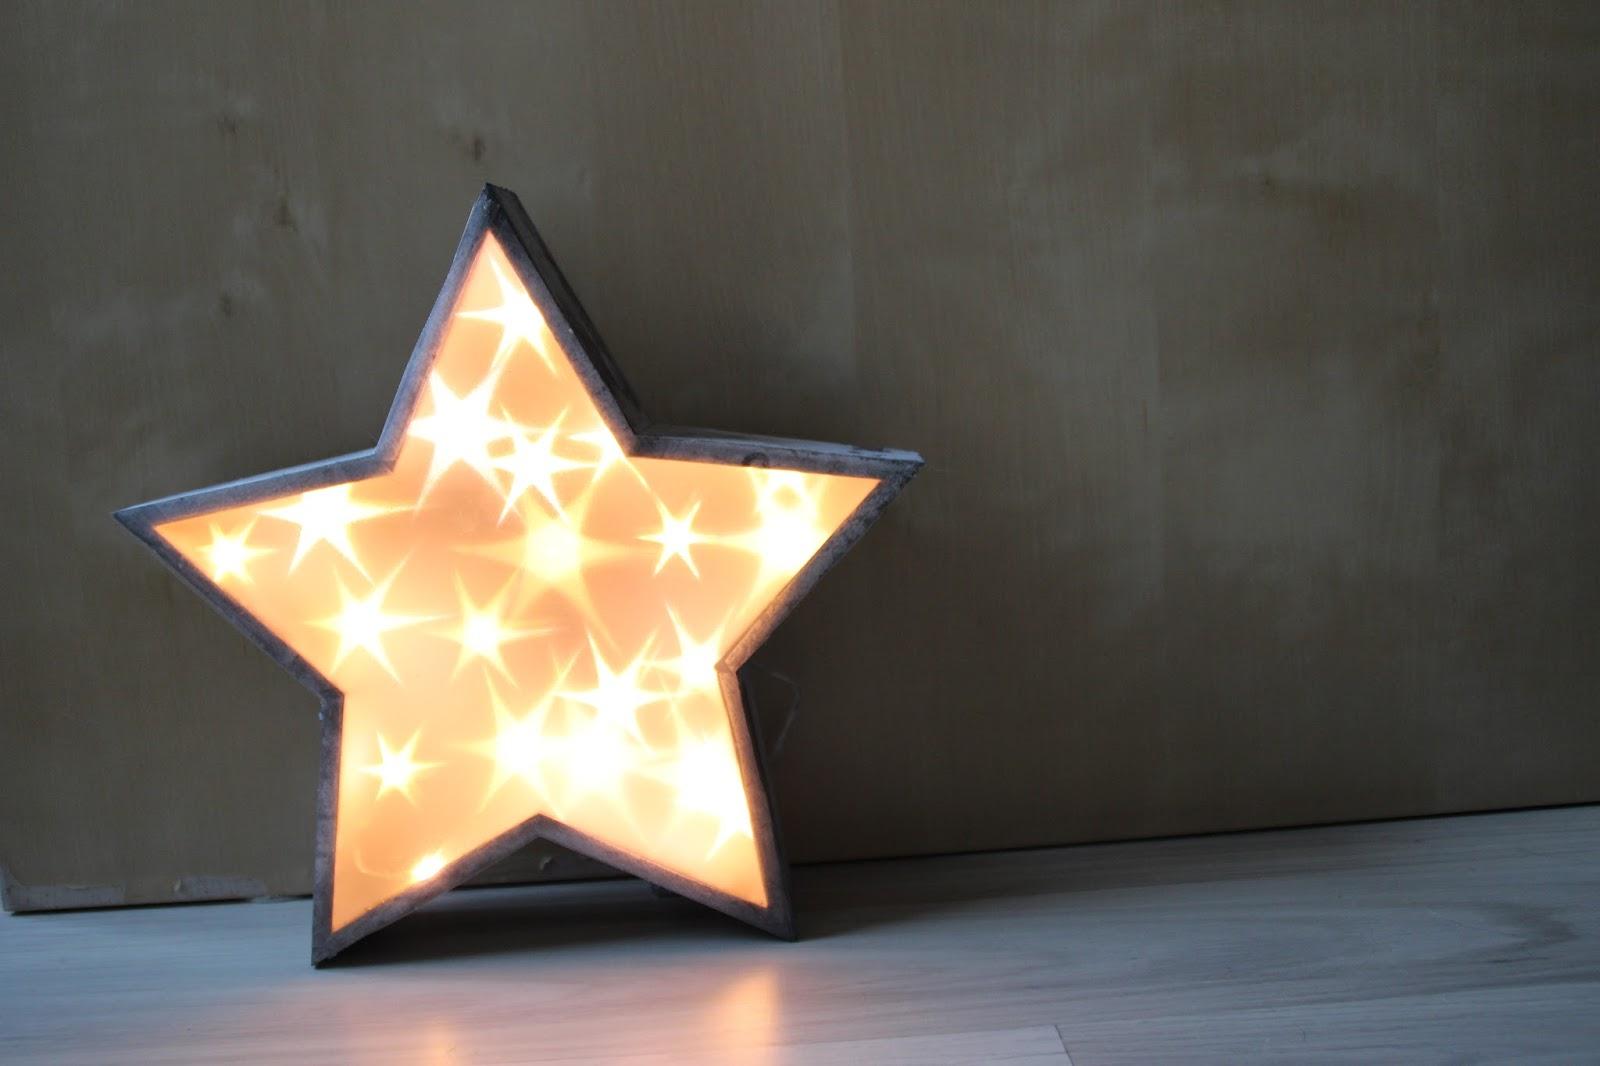 ohne kreativit t ohne mich wie man einen leuchtstern bastelt diy led stern mit sterneneffektfolie. Black Bedroom Furniture Sets. Home Design Ideas